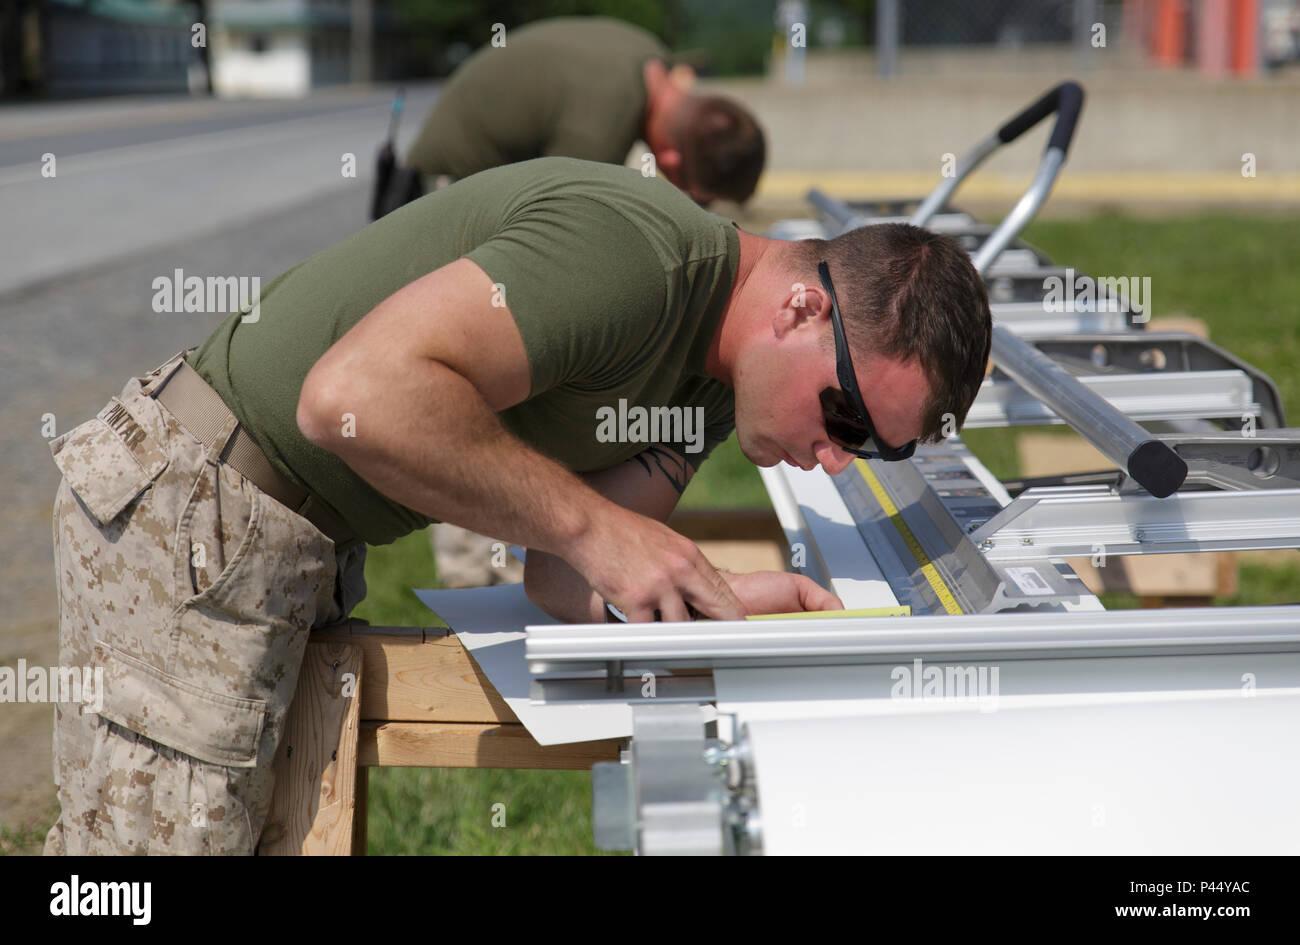 Lance Cpl. Benjamin M. Pintar, un ingeniero de combate con la compañía C, 6º, 4º Batallón de apoyo de ingenieros Marine Logistics Group, las fuerzas navales de reserva, toma las mediciones durante el proceso de creación de la fascia de aluminio revestido de un proyecto de renovación de los cuarteles durante el ejercicio Daga roja en Fort Indiantown Gap, Penn., 11 de junio de 2016. Como parte del ejercicio, los infantes de marina y los comandos británicos ha trabajado en diversos proyectos de renovación y construcción alrededor de la base del ejército. Ejercicio Daga roja es un ejercicio de capacitación bilateral Marines que le da una oportunidad para el intercambio de tácticas, técnicas y procedimientos, así como construir wo Imagen De Stock